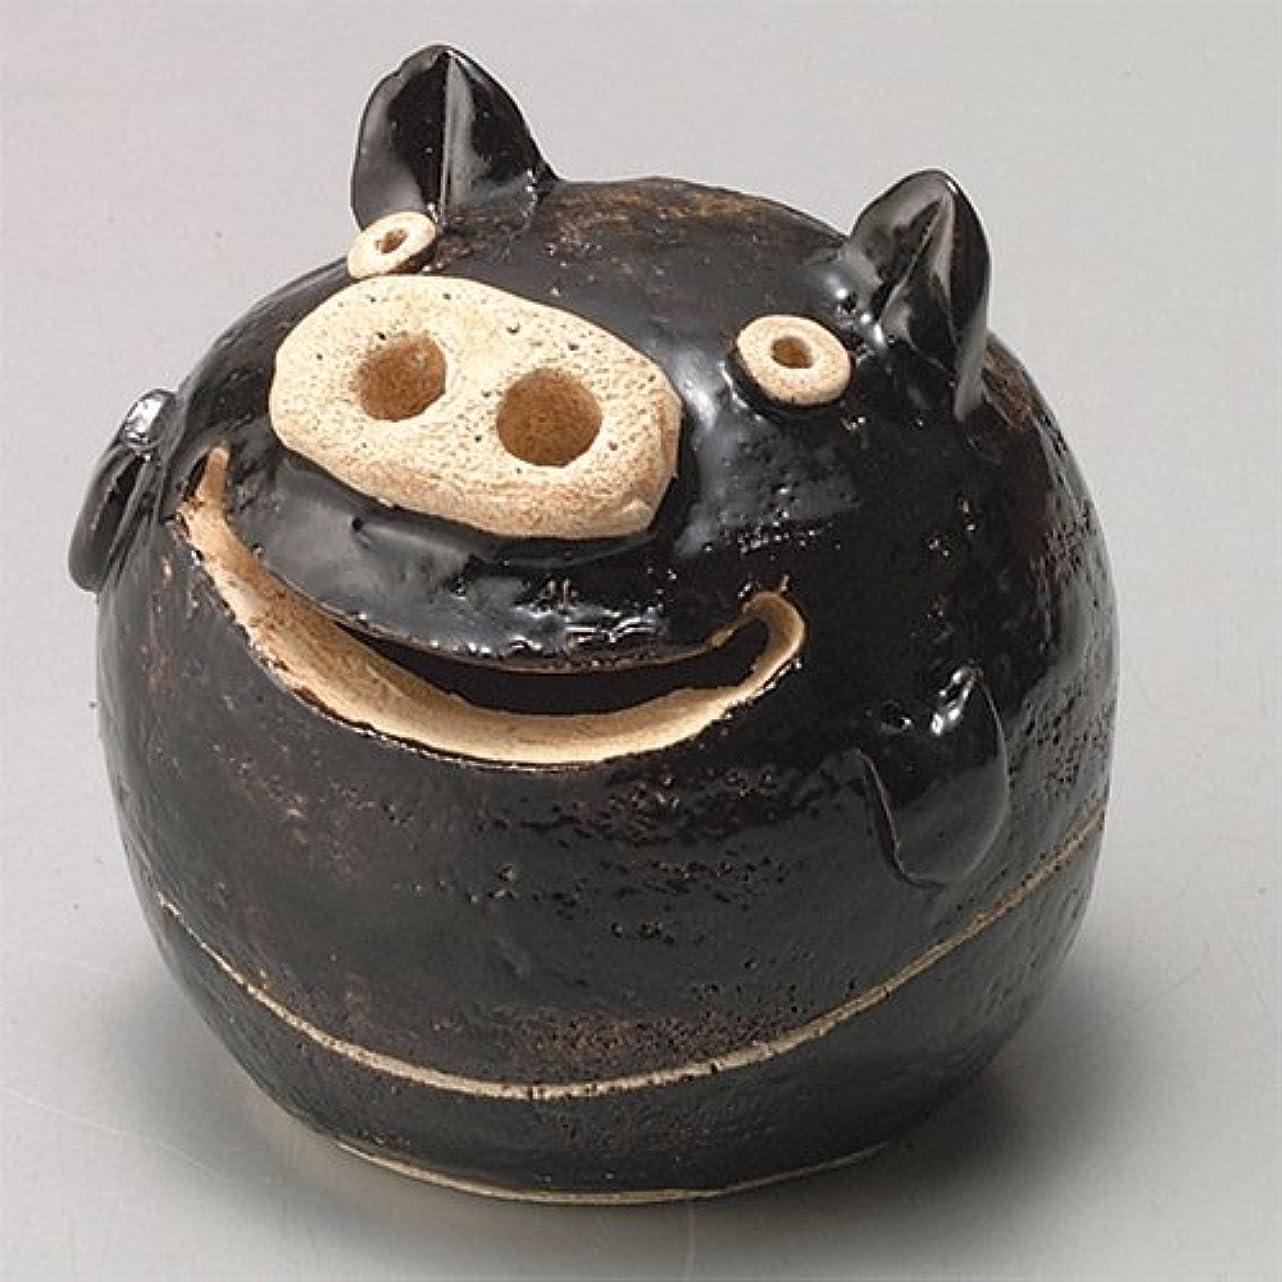 の前で引き算移住する香炉 ぶた君 香炉(黒) [H9cm] HANDMADE プレゼント ギフト 和食器 かわいい インテリア